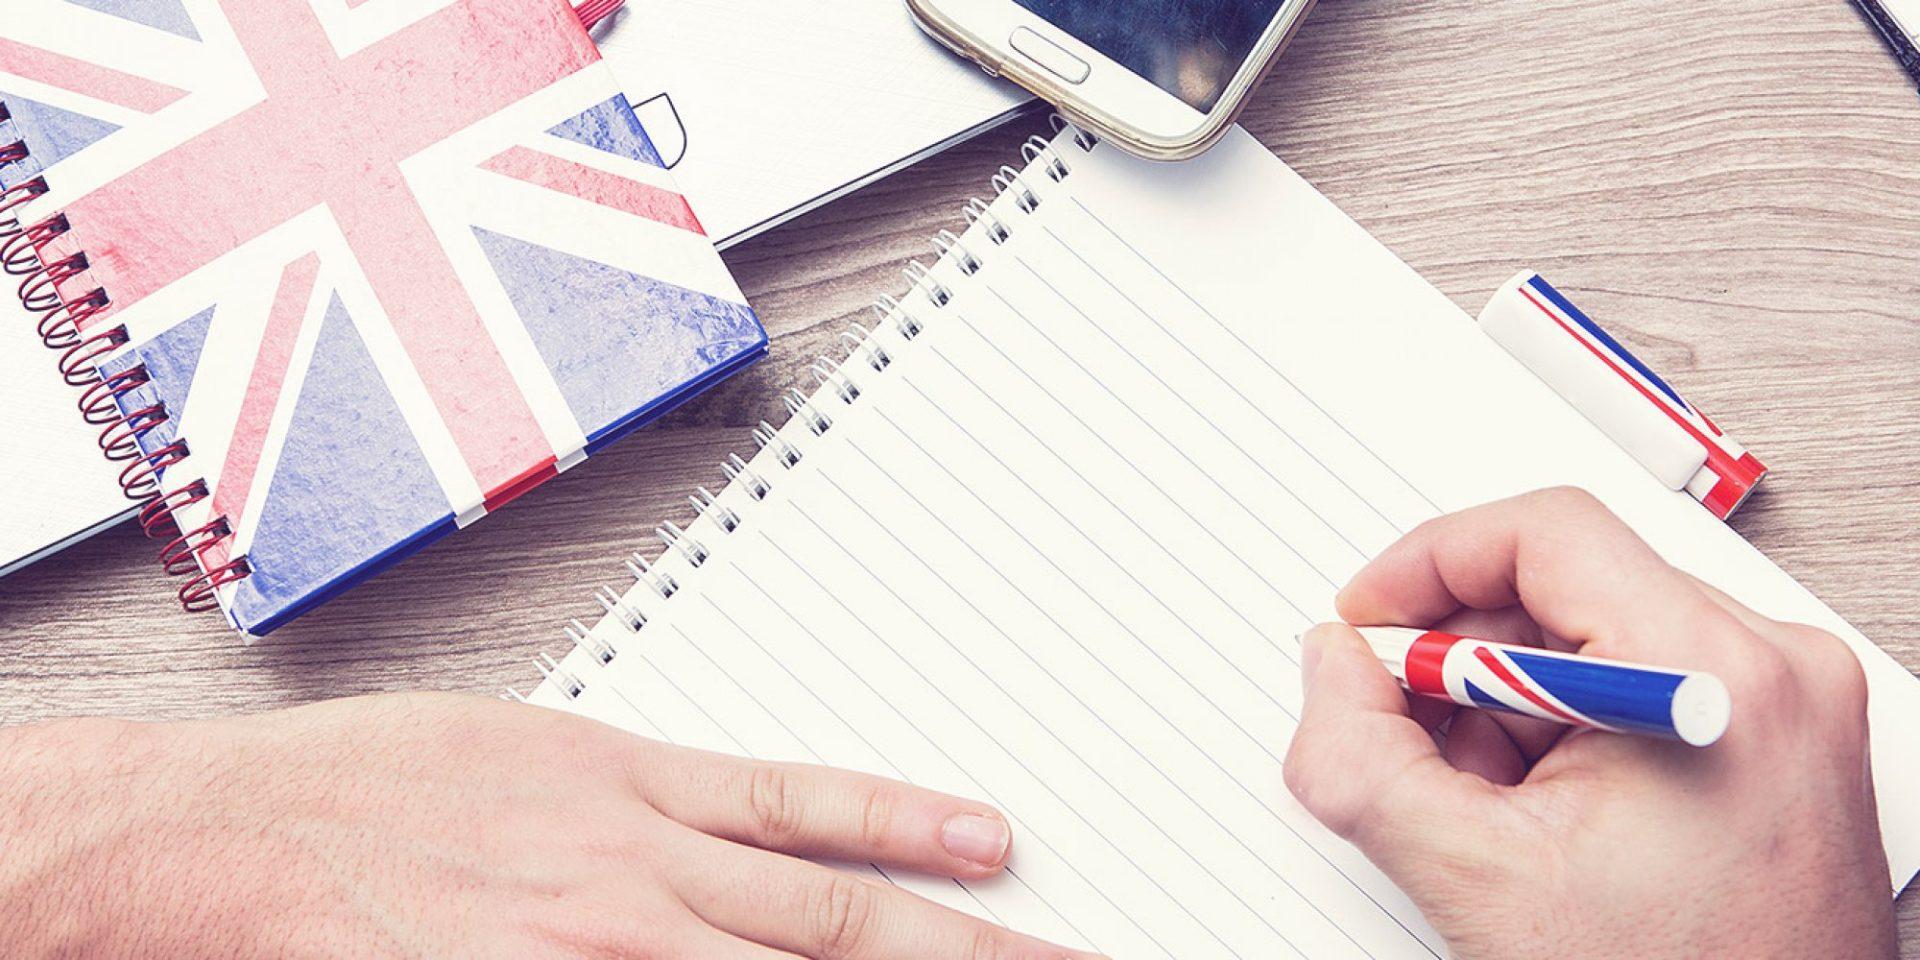 Como Escrever Textos em Inglês - INGLÊS ONLINE